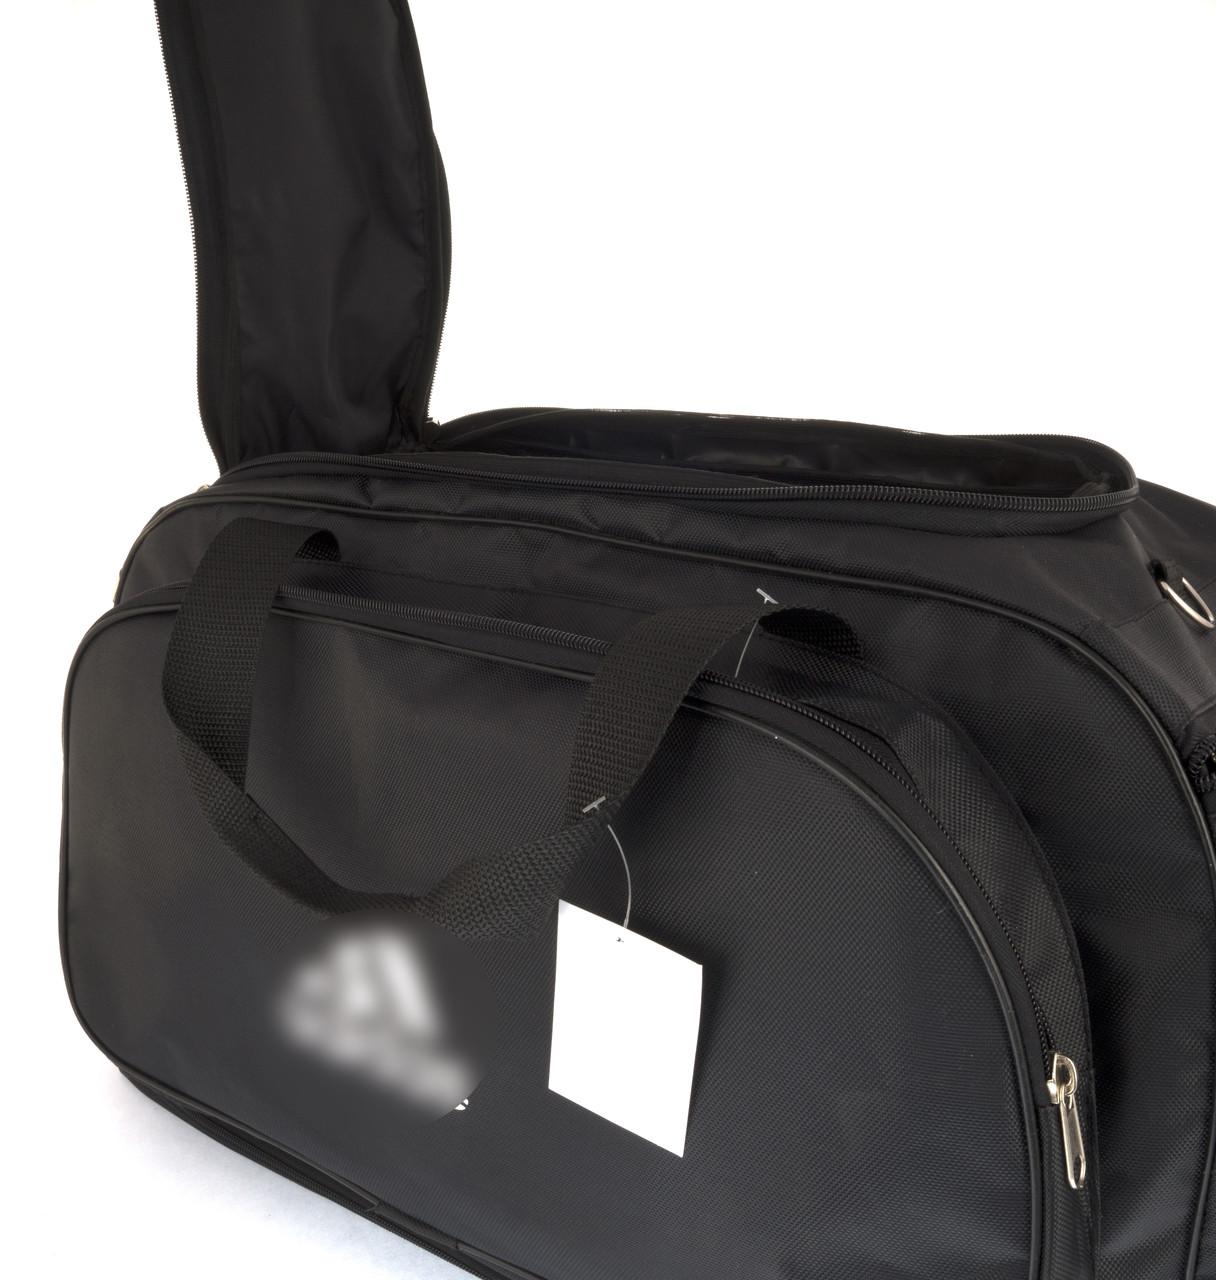 8f0ecd4b2b88 ... Стильная прочная спортивная вместительная спортивная сумка с двойным  дном art. 57-3 Украина,